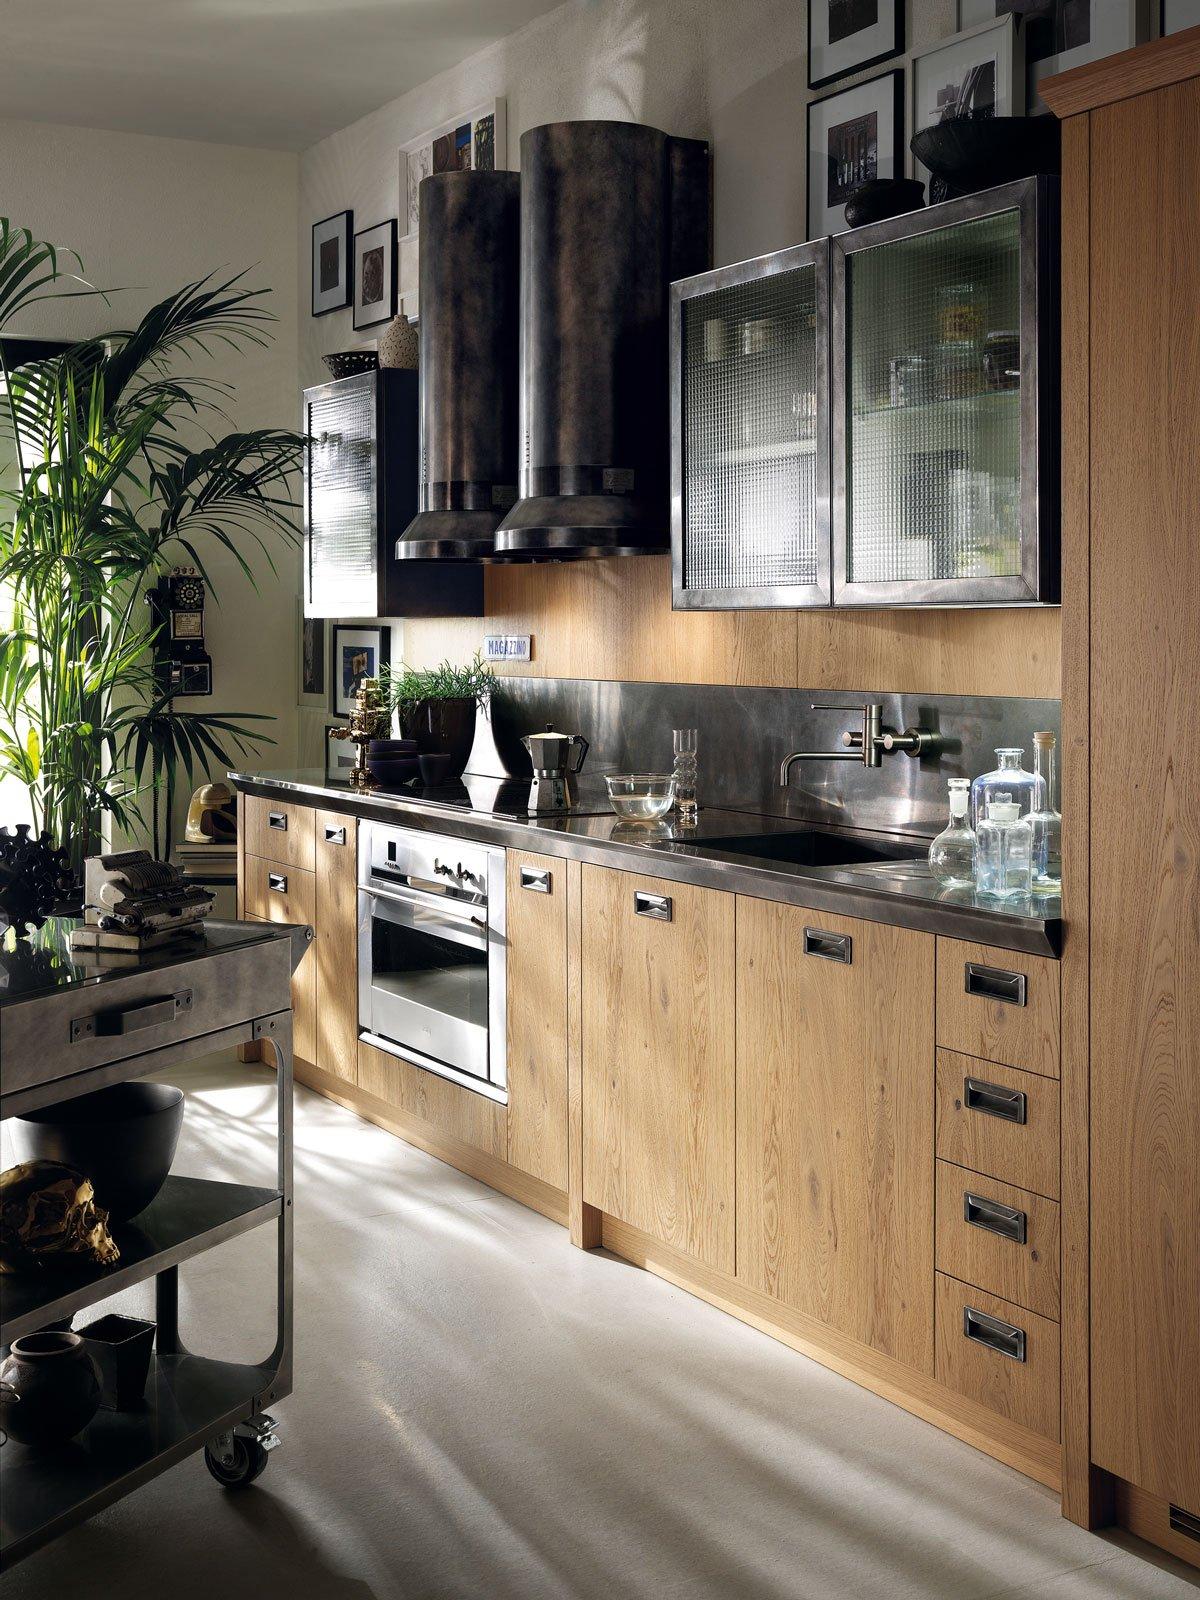 Cucine con cappa decorativa cose di casa - Cappa per cucina prezzi ...